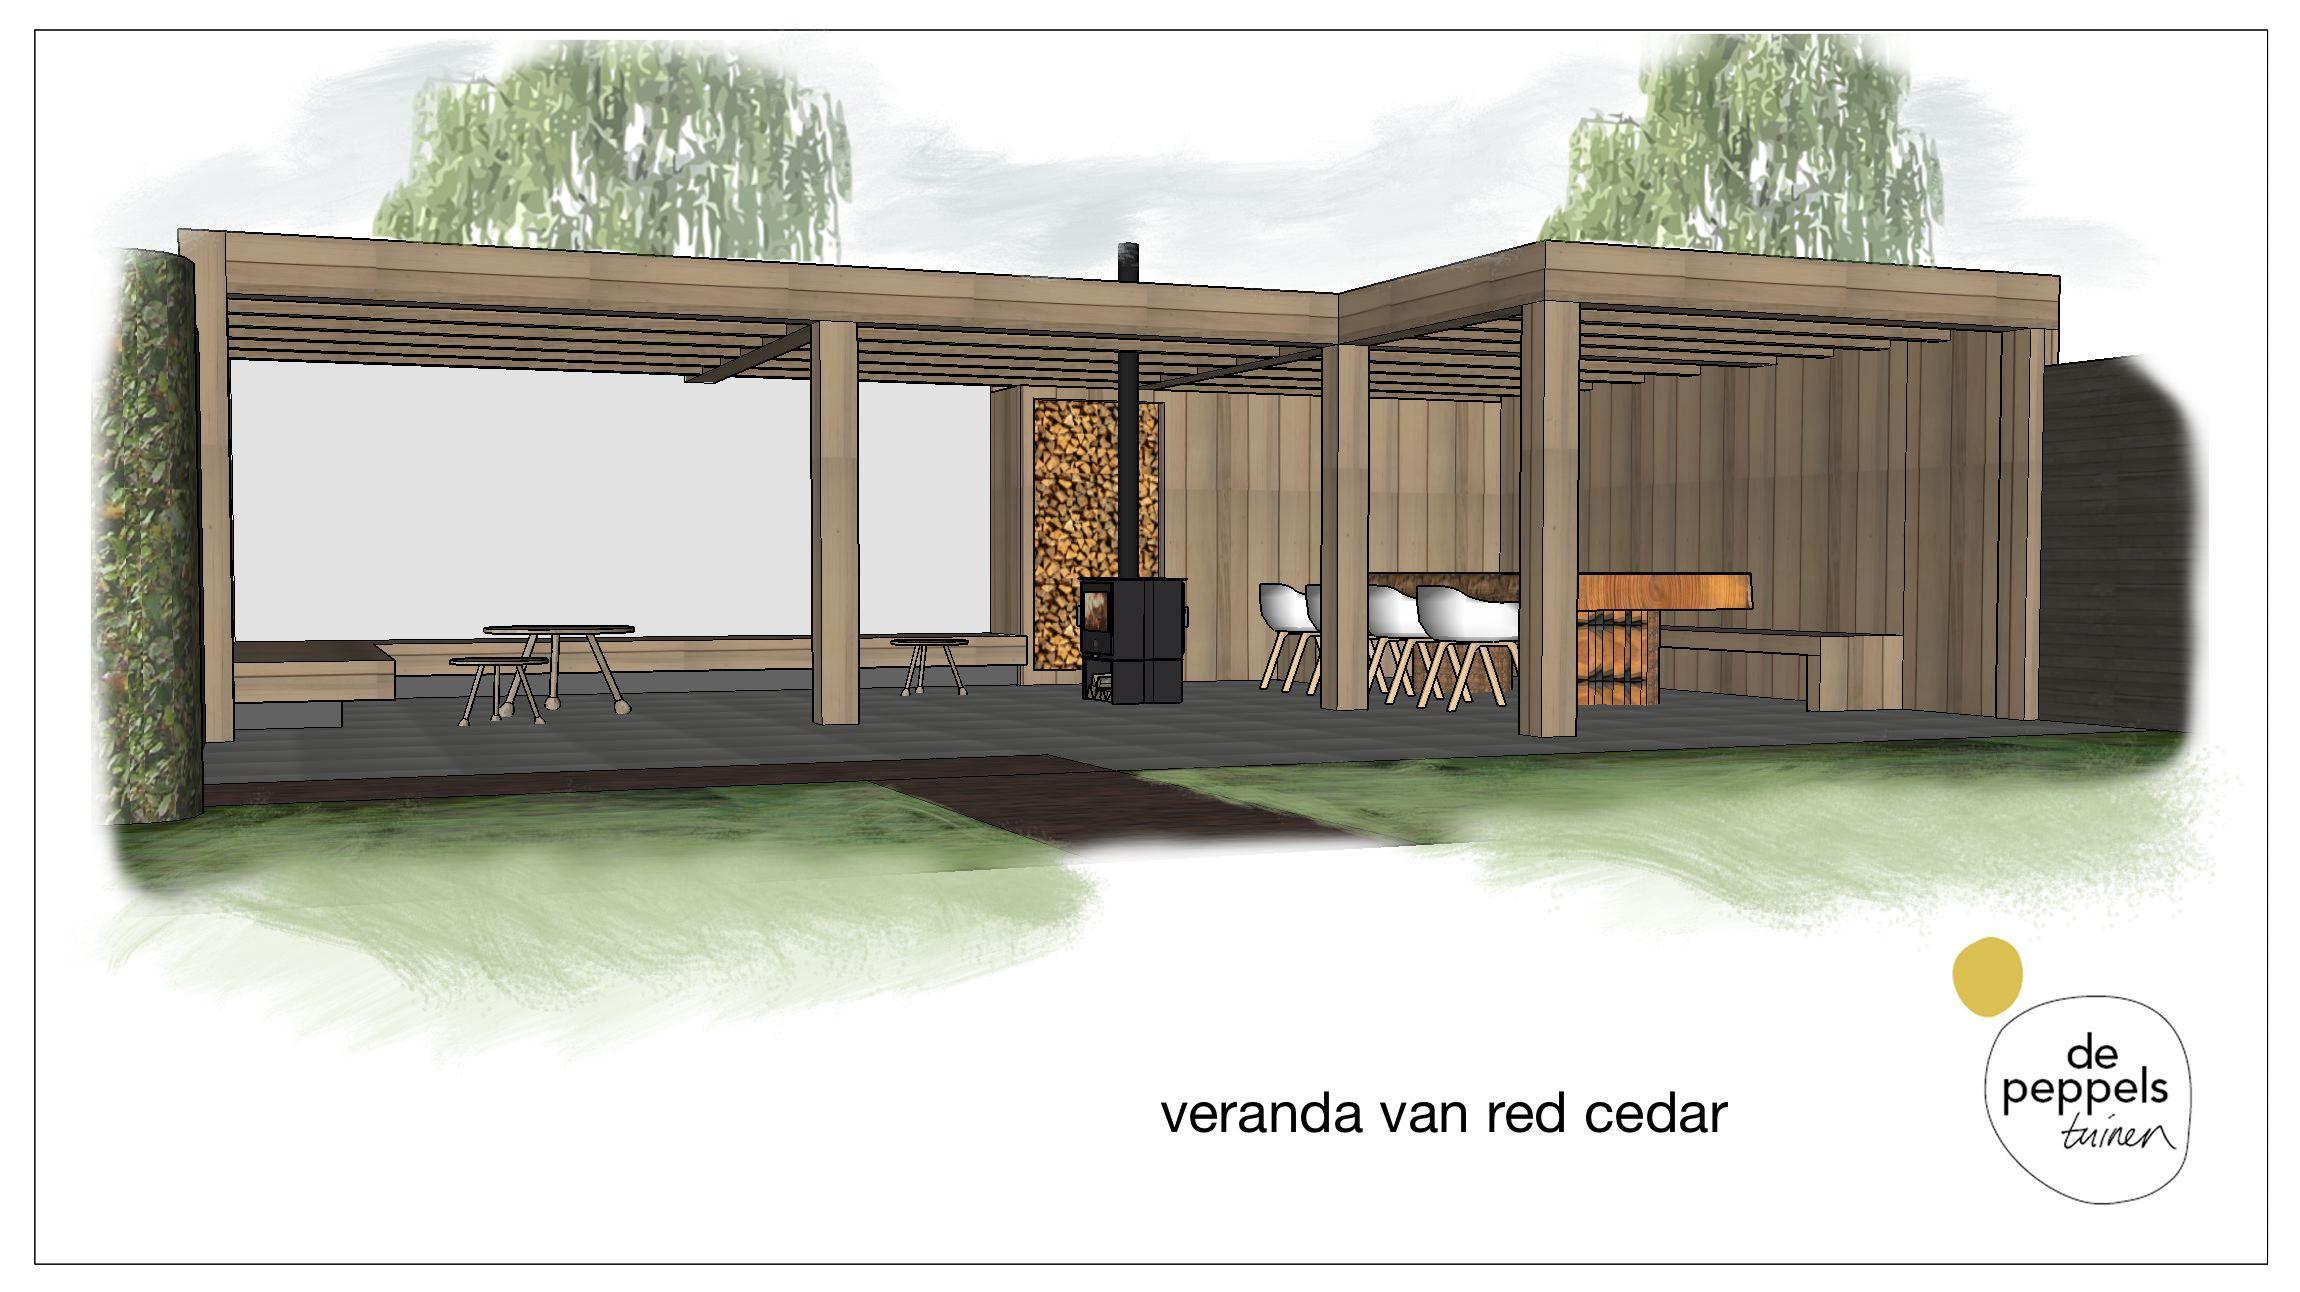 houten veranda van red cedar